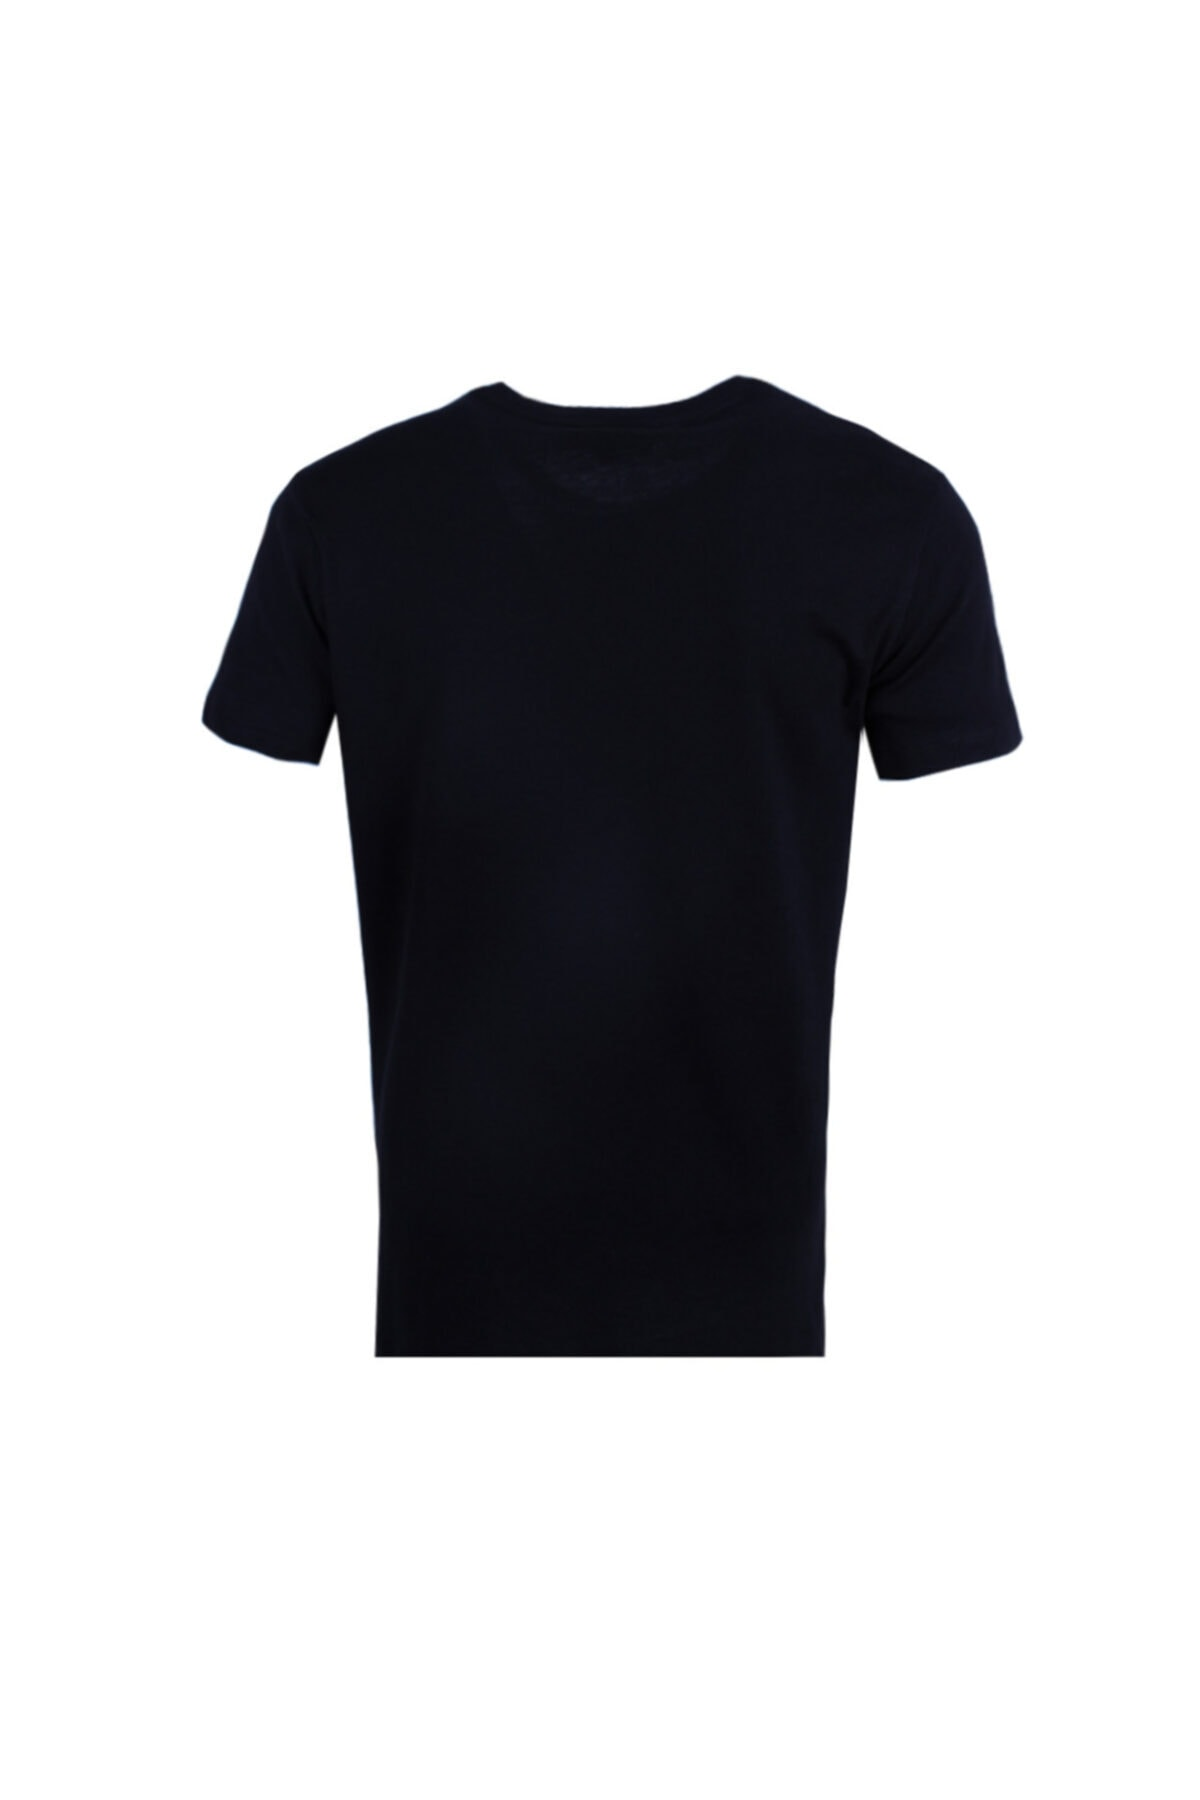 Ottomoda Erkek T-shirt Siyah 2